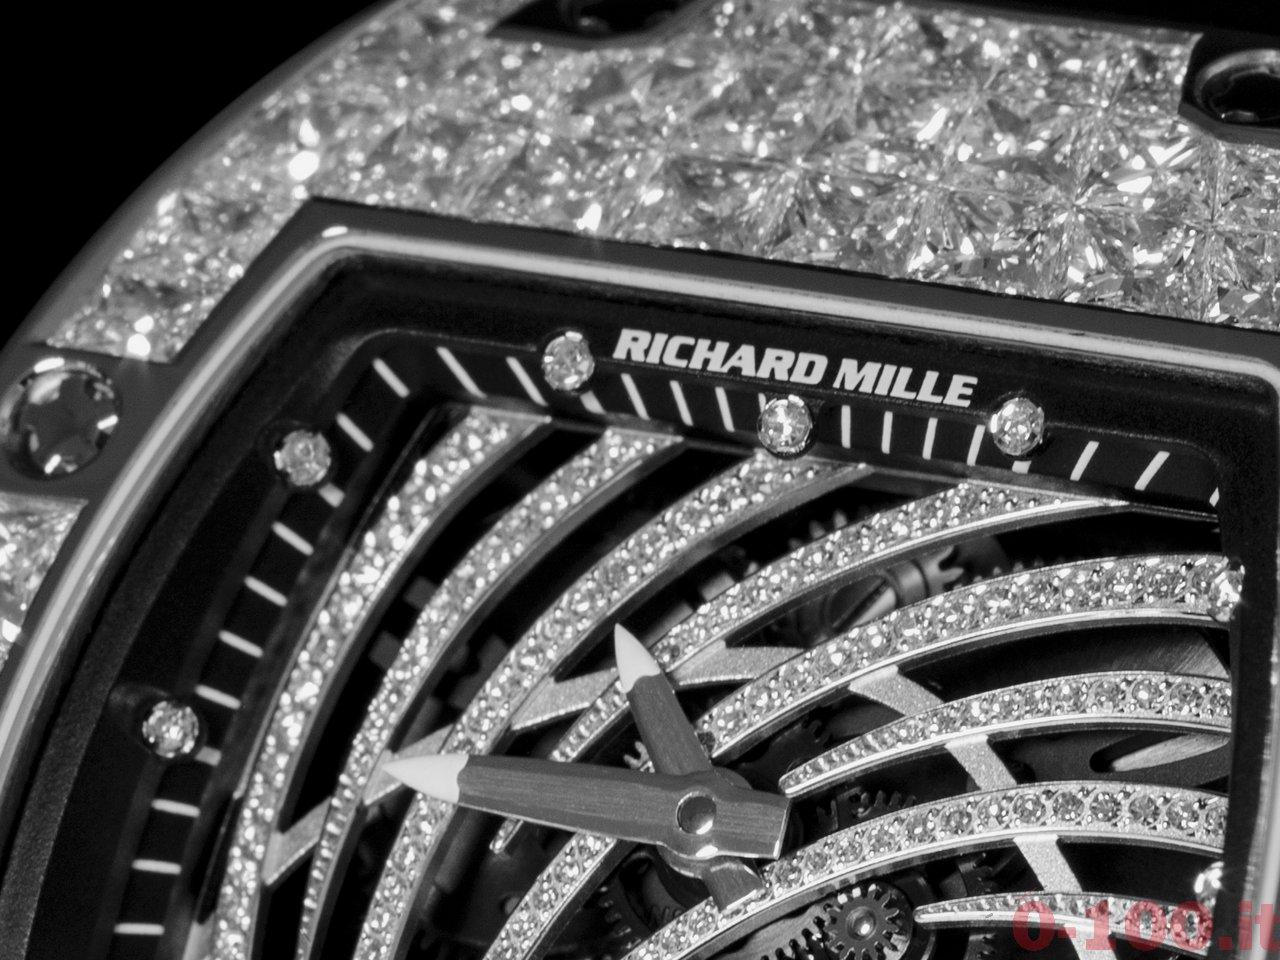 sihh-2015-richard-mille-rm-51-02-tourbillon-diamond-twister-0-100_9